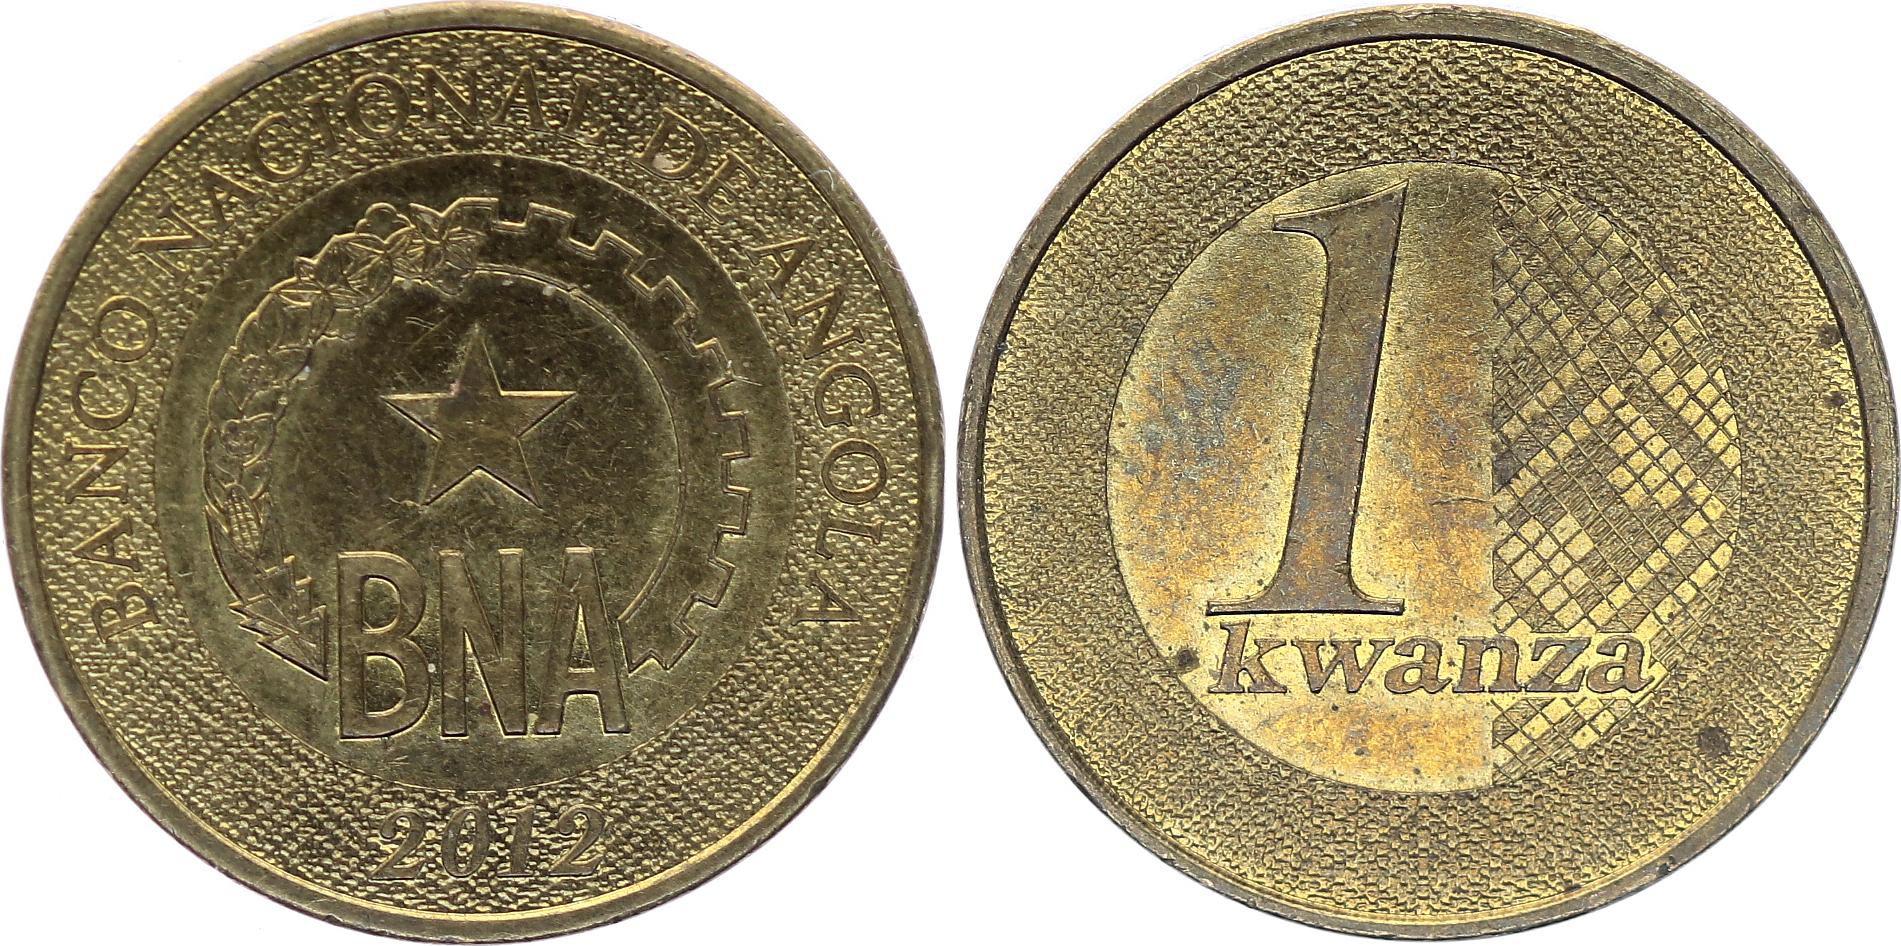 Angola 1 Kwanzas BNA - 2012 - Bimetal - SPL - KM.108